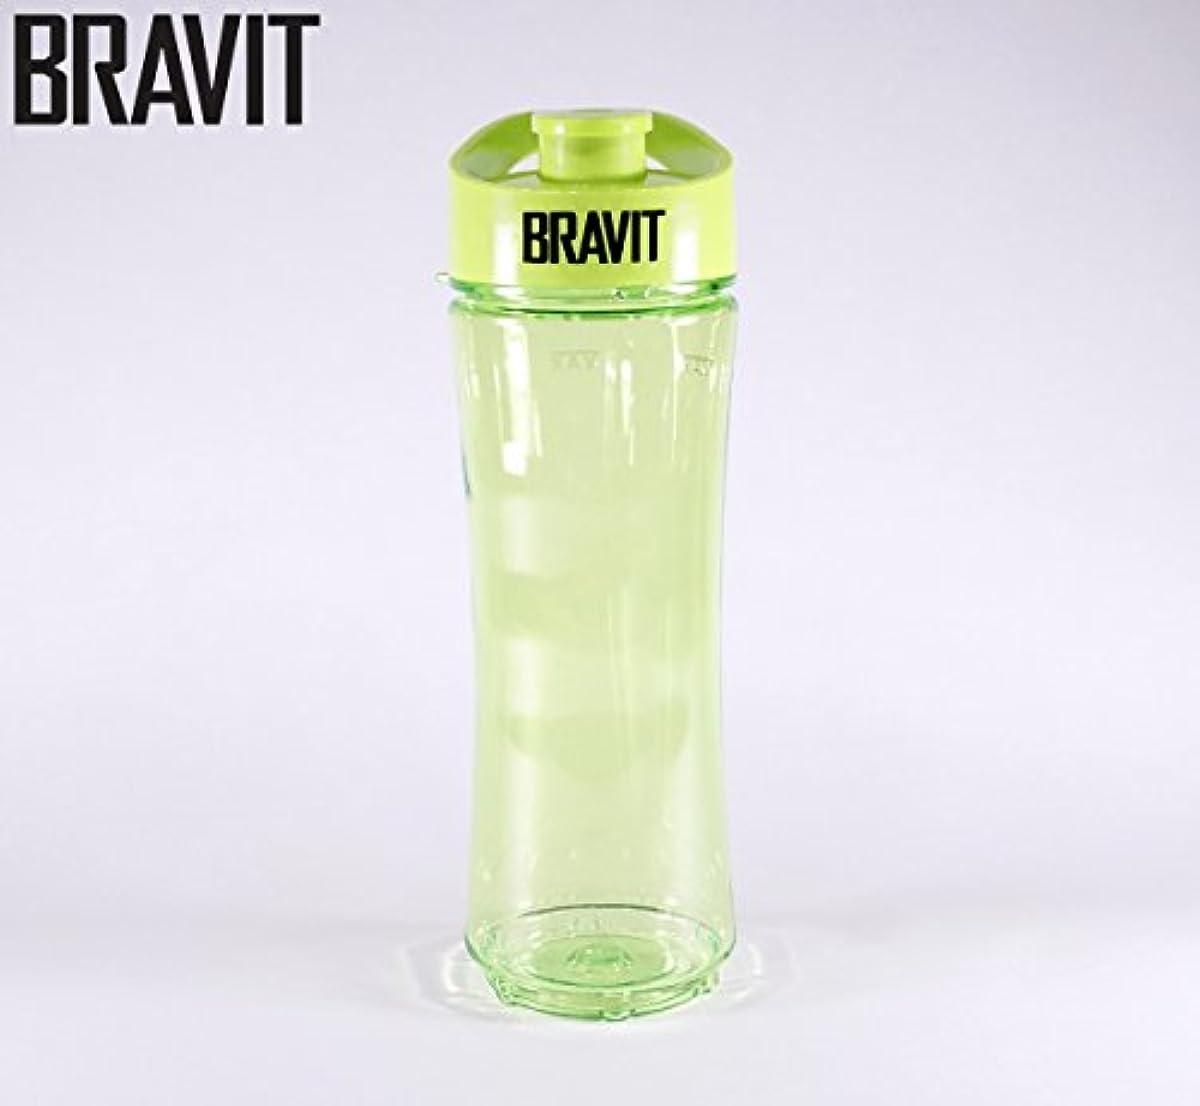 給料同時所得BRAVIT Personal Sports Bottle, Smoothie, Shake Maker with Travel Lead for BRAVIT Personal Sports Blender by BRAVIT